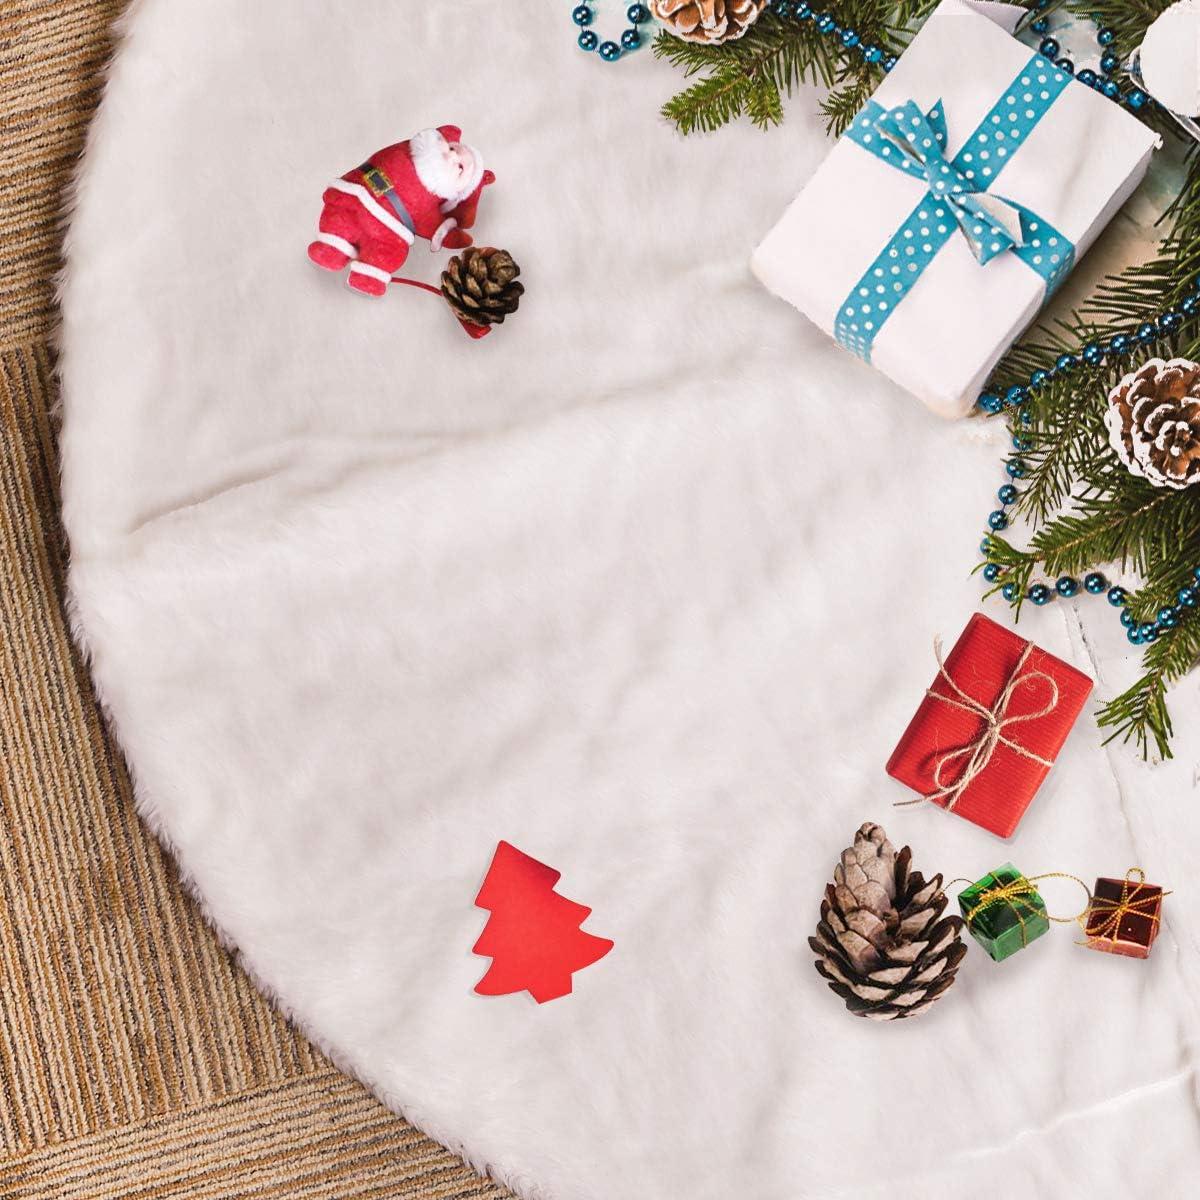 Rorchio 78cm Weihnachtsbaumdecke Wei/ß Pl/üsch Christmasbaumdecke Rund Tannenbaum-Unterlage Weihnachtsbaumteppich Ornamente Dekoration f/ür Weihnachten